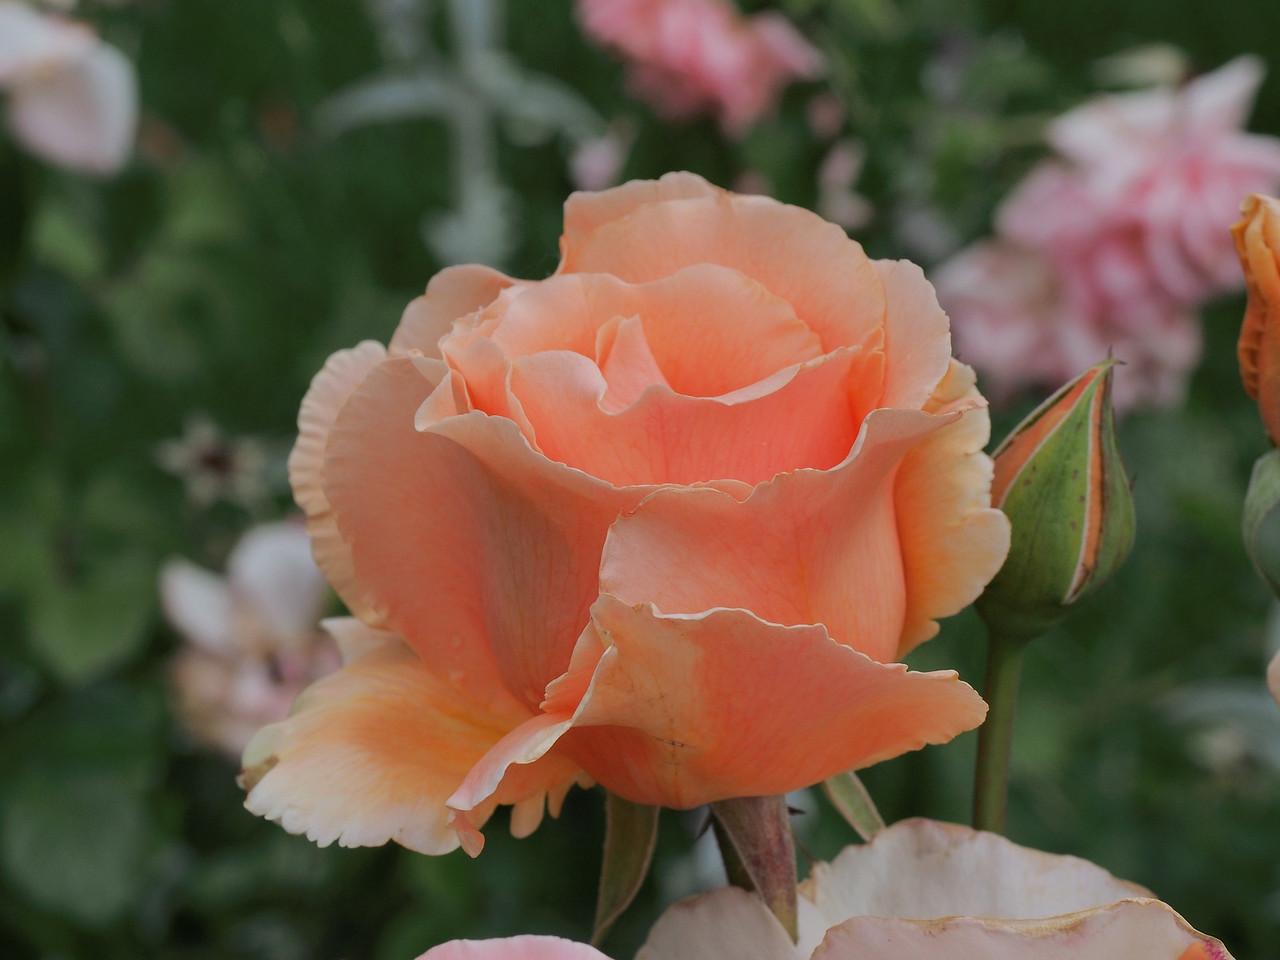 20131205_1012_0600 rose (Della Torre Crescent, Ivanhoe)